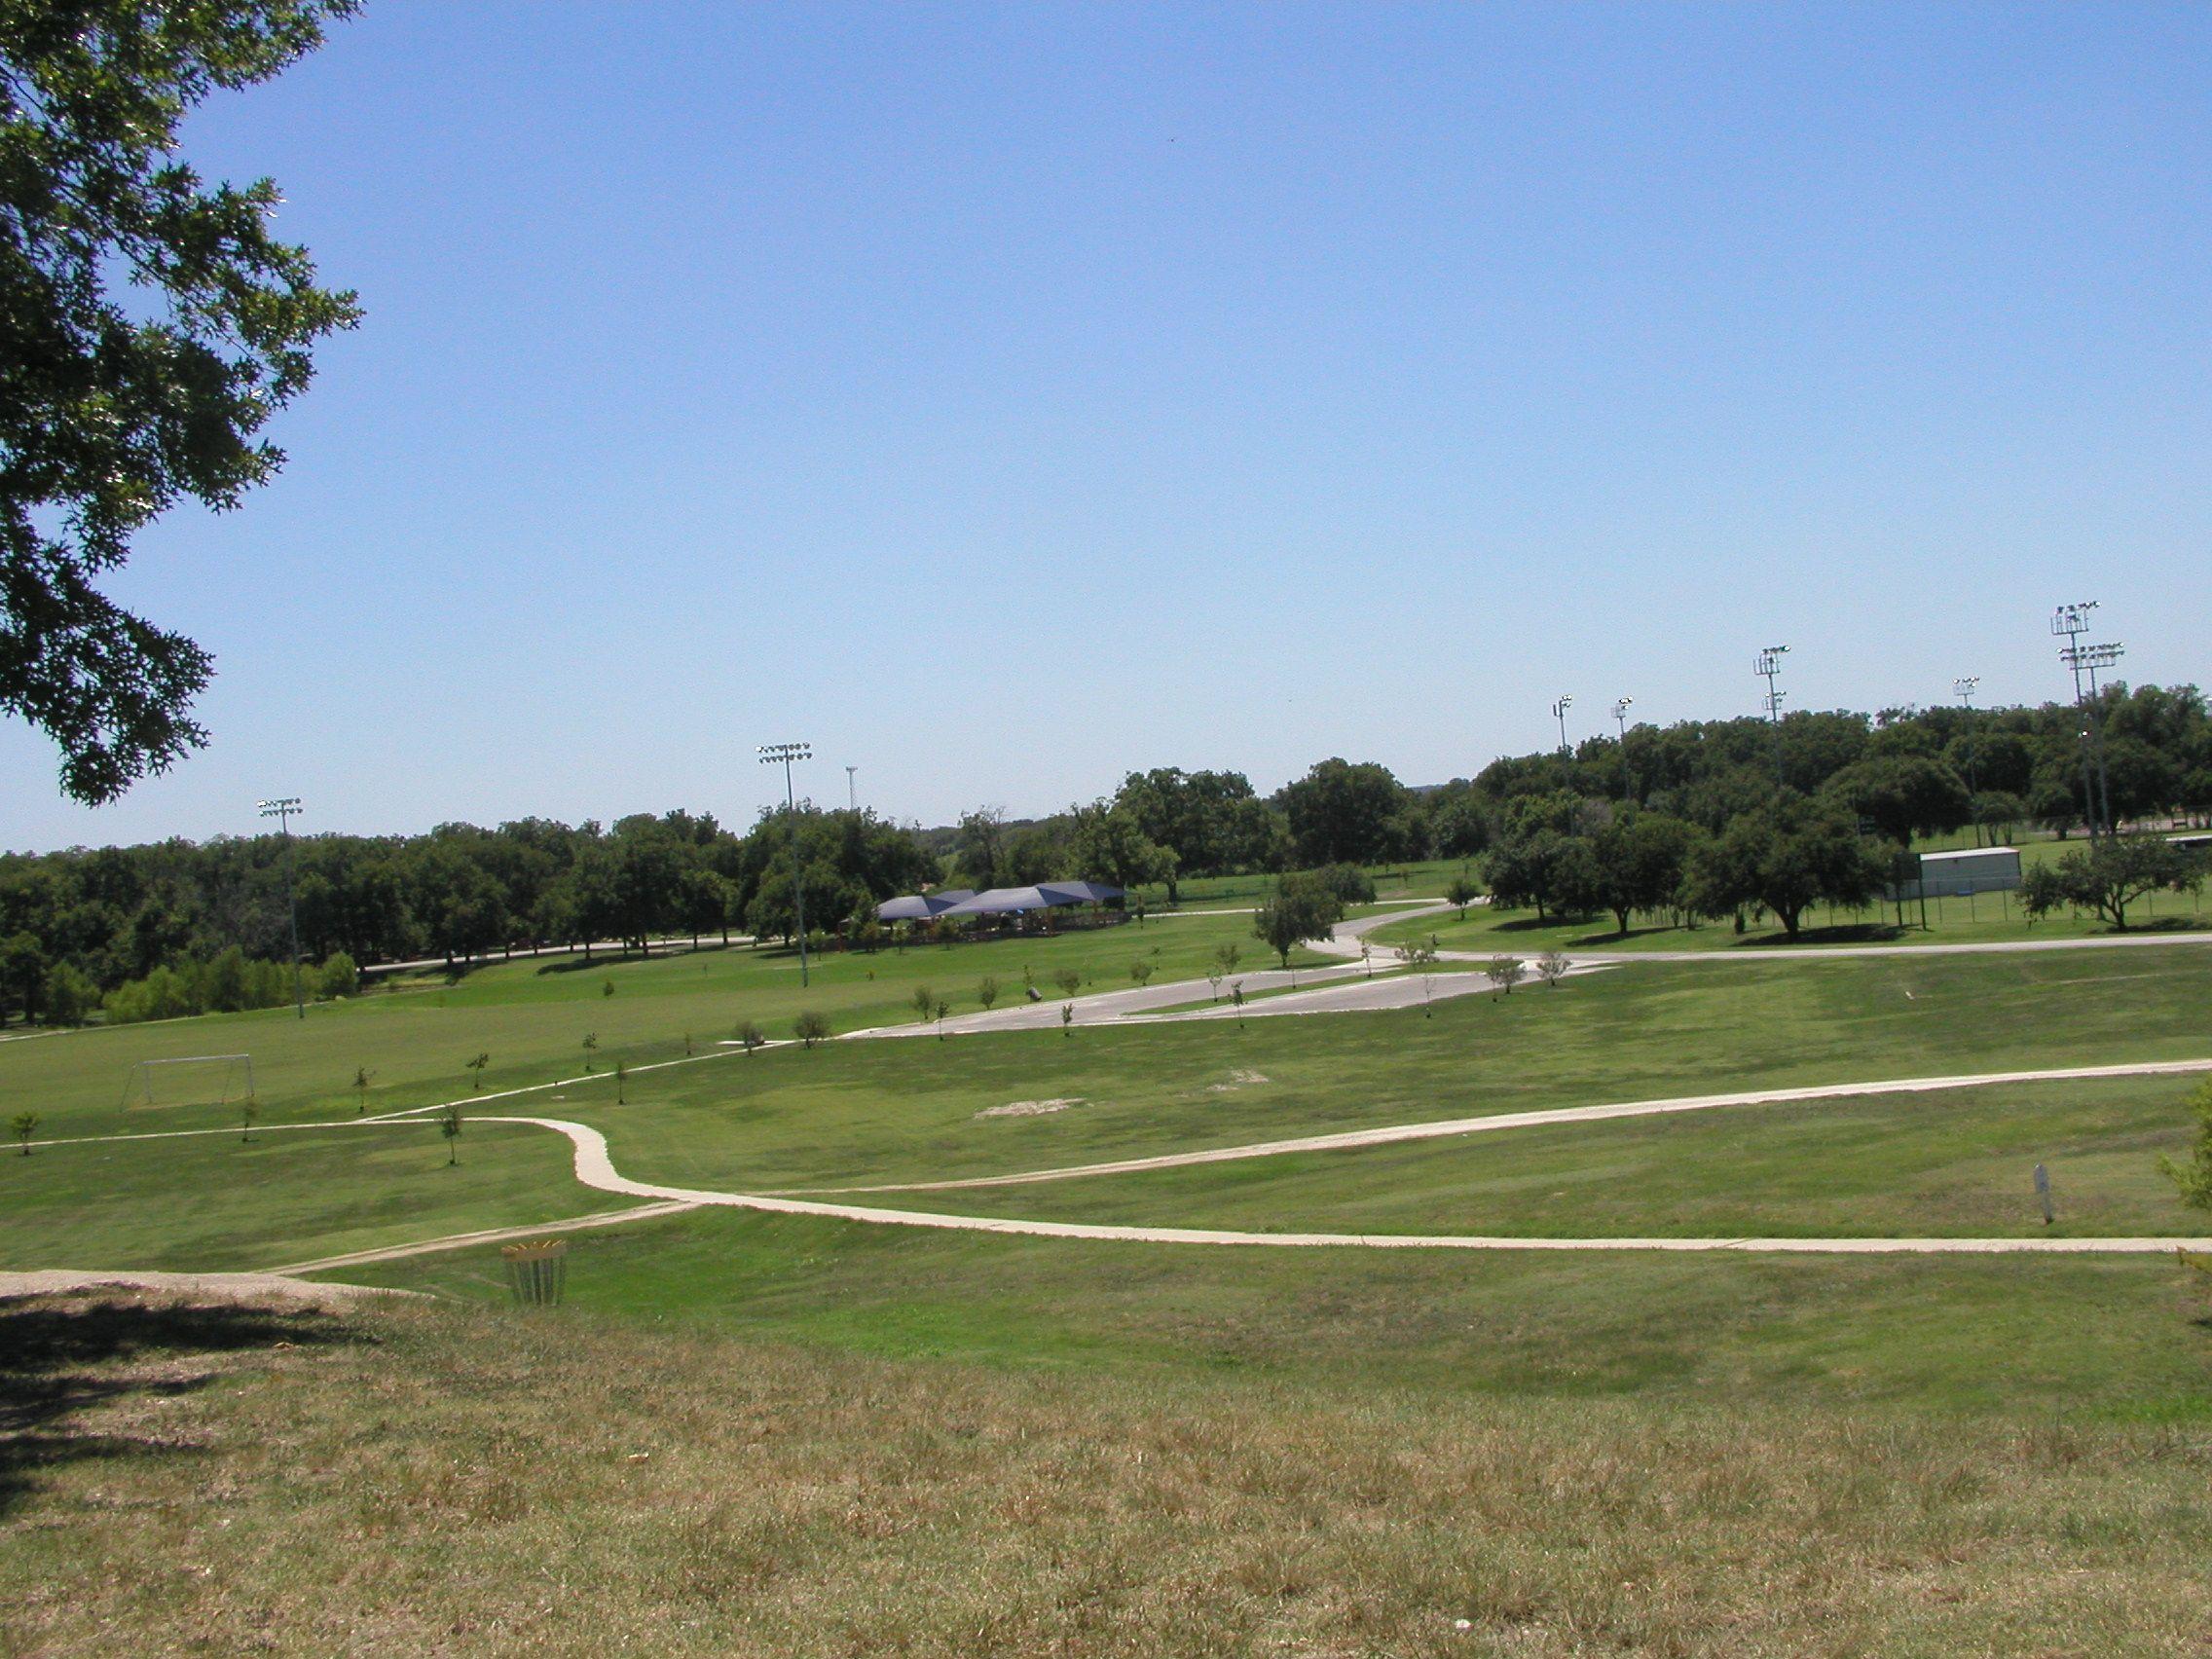 Lions Park Trails & Soccer Fields